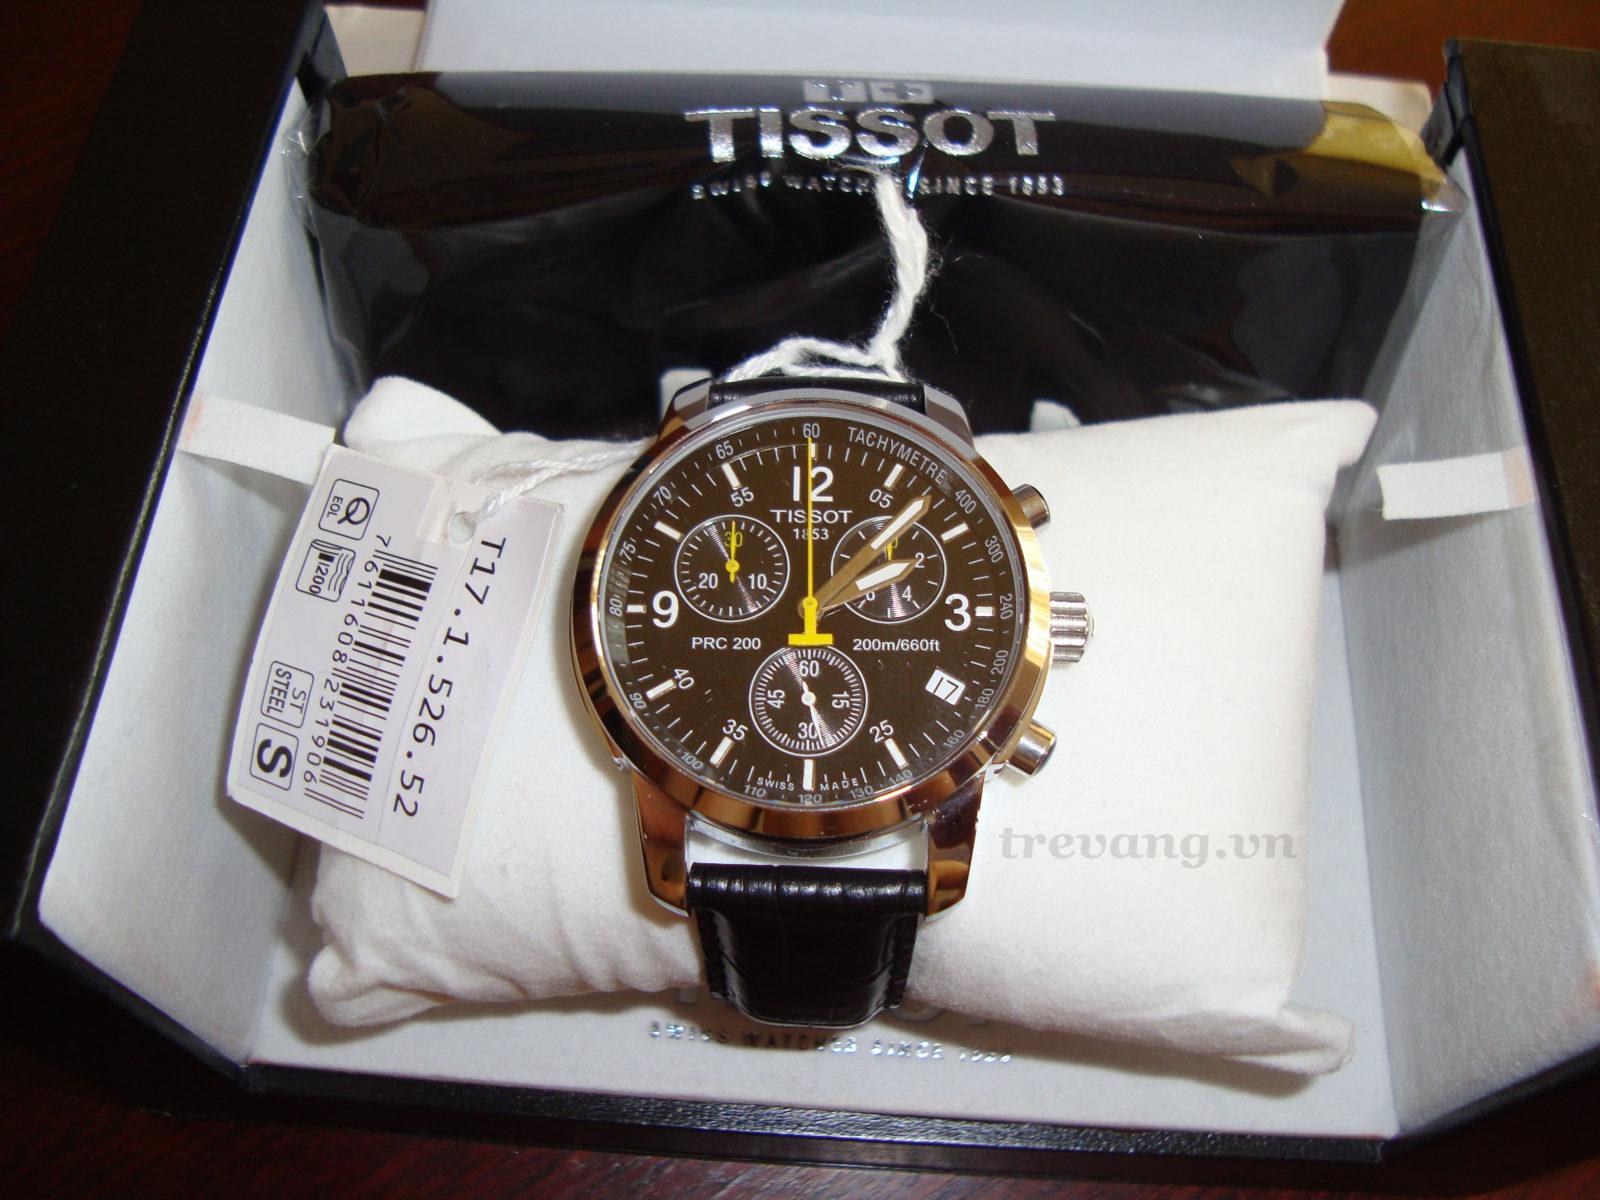 Giá các mẫu đồng hồ Tissot 1853 PRC200 đang trưng bày tại show room Tre Vàng.